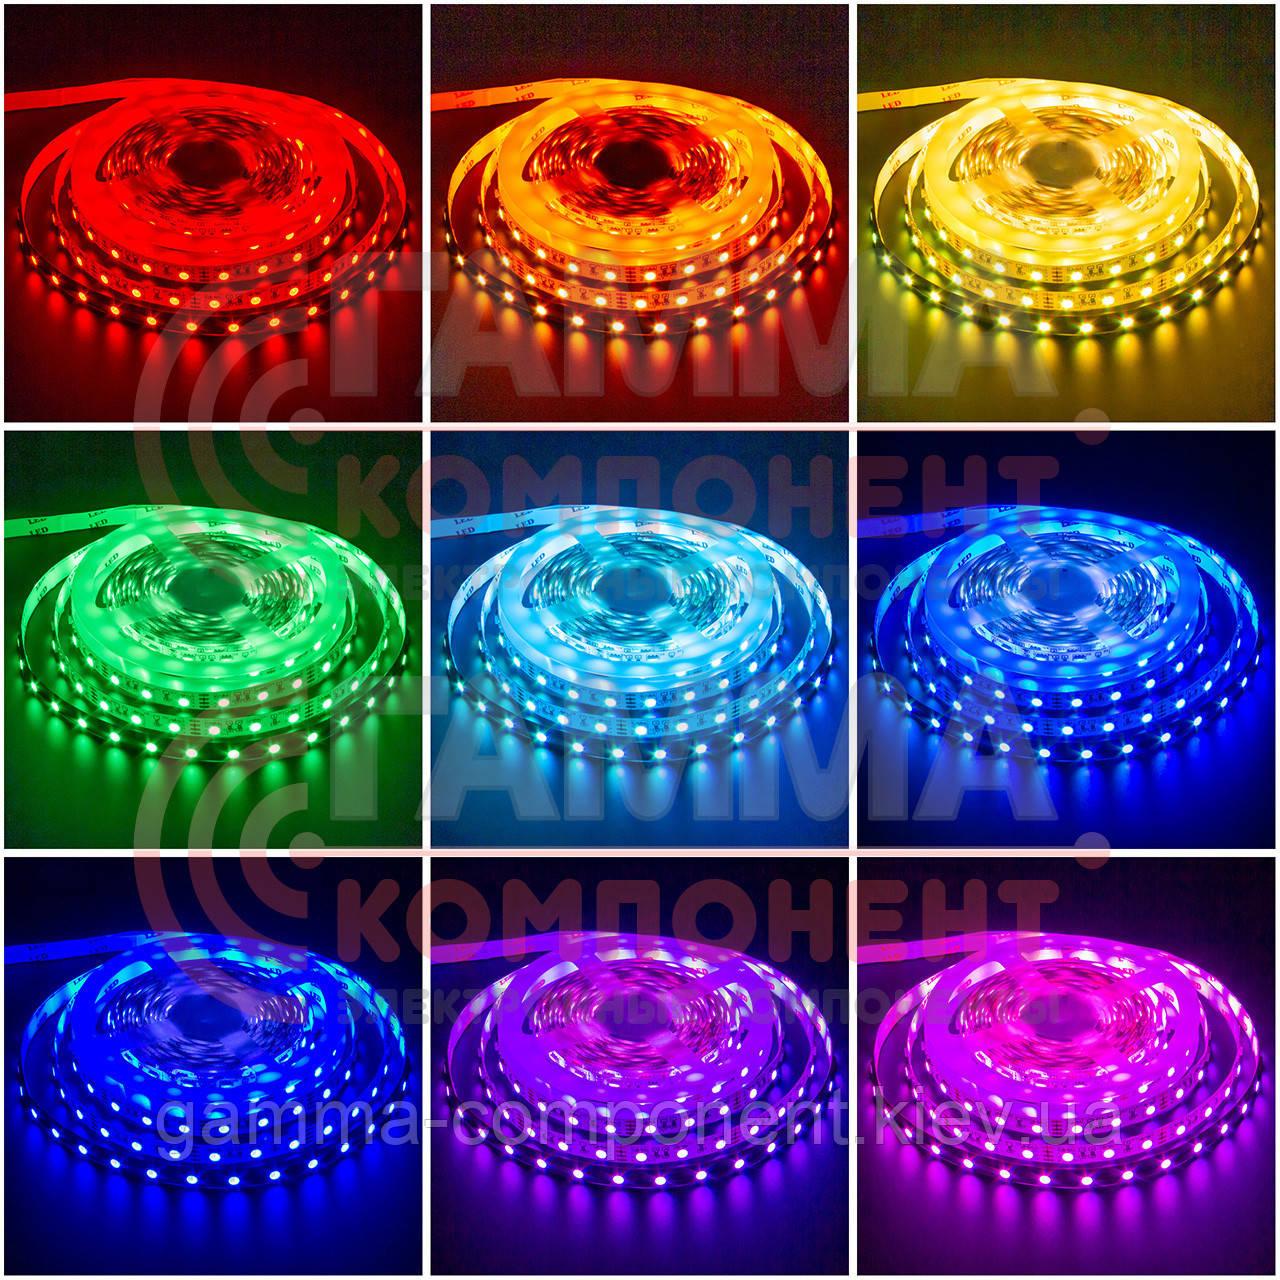 Светодиодная лента RGB AVT PROFESSIONAL SMD 5050 (60 LED/м), IP65, 12В - бобины от 5 метров